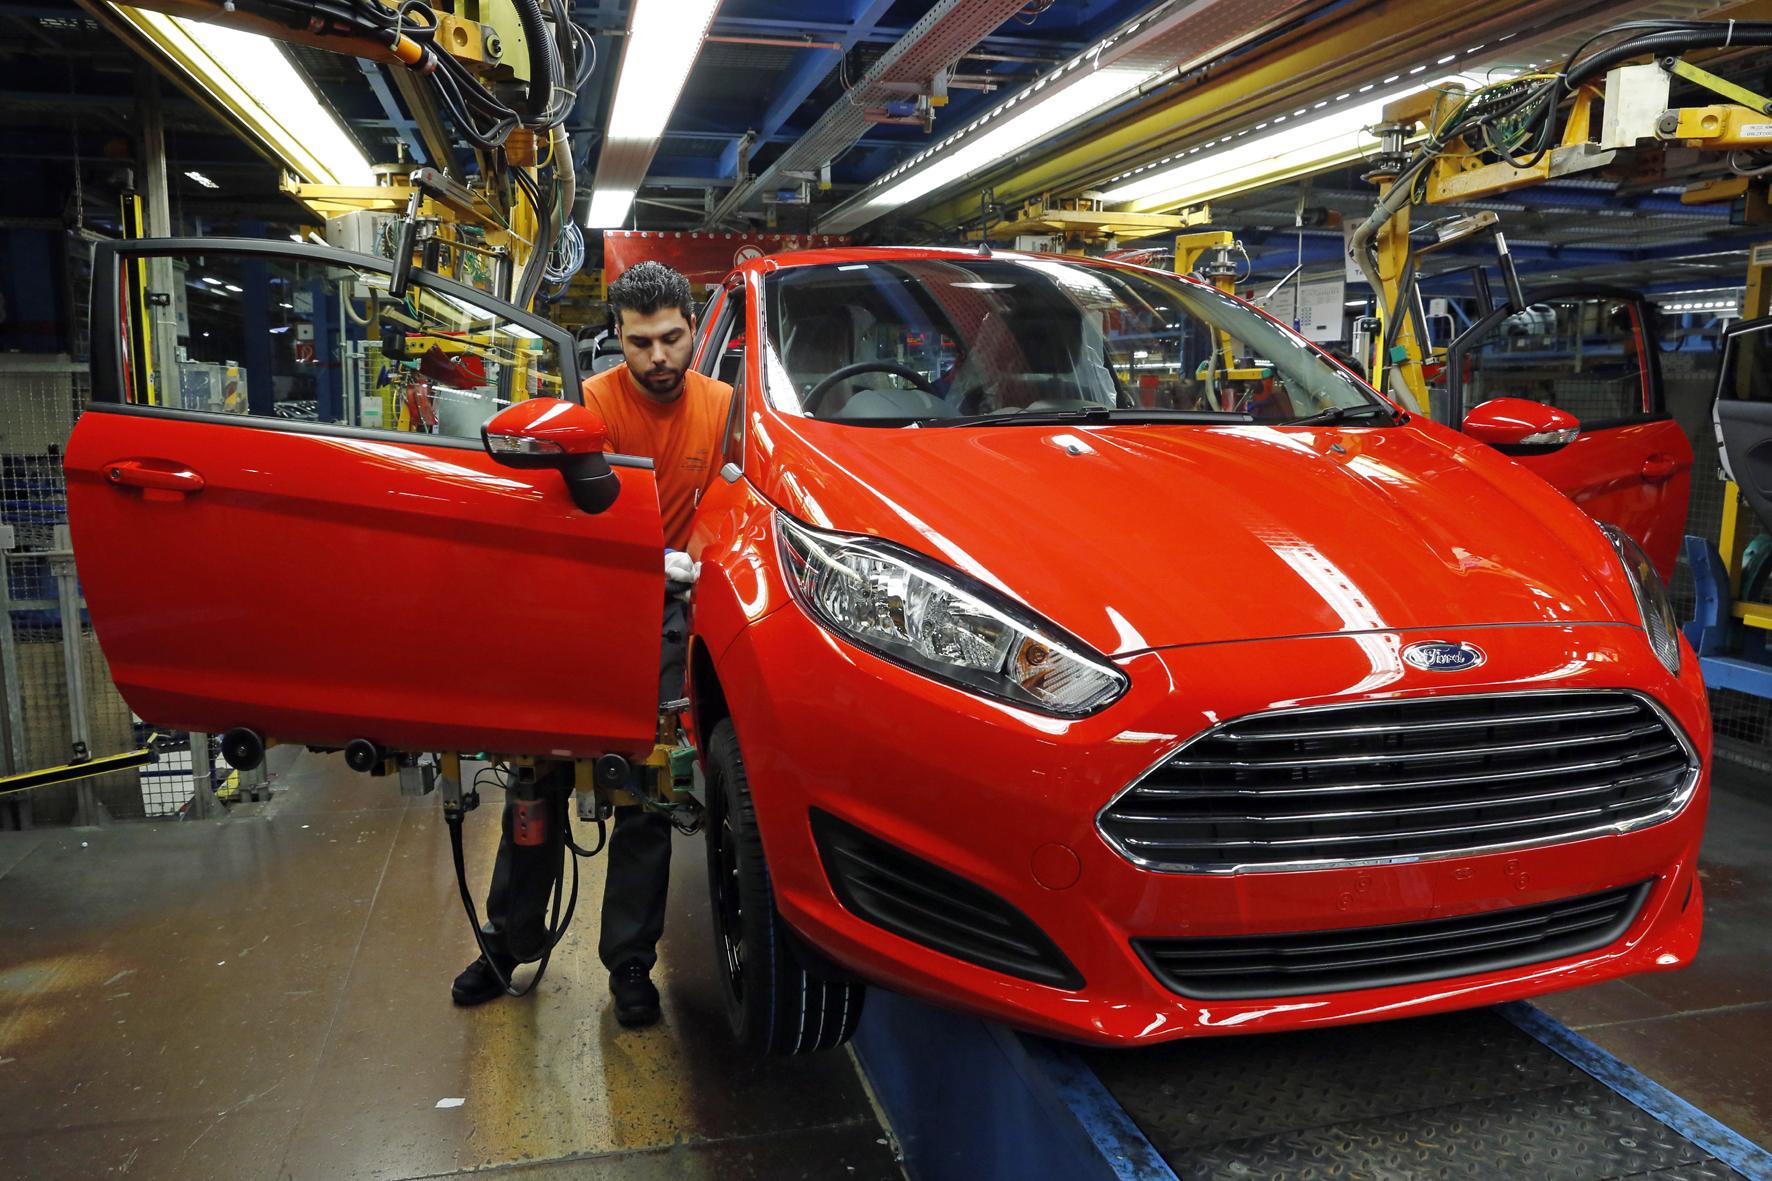 mid Groß-gerau - Ford setzt bei der Produktion seiner Fahrzeuge zunehmend auf Schaum- und Kunststoffe, die Kohlendioxid als Rohstoff nutzen.